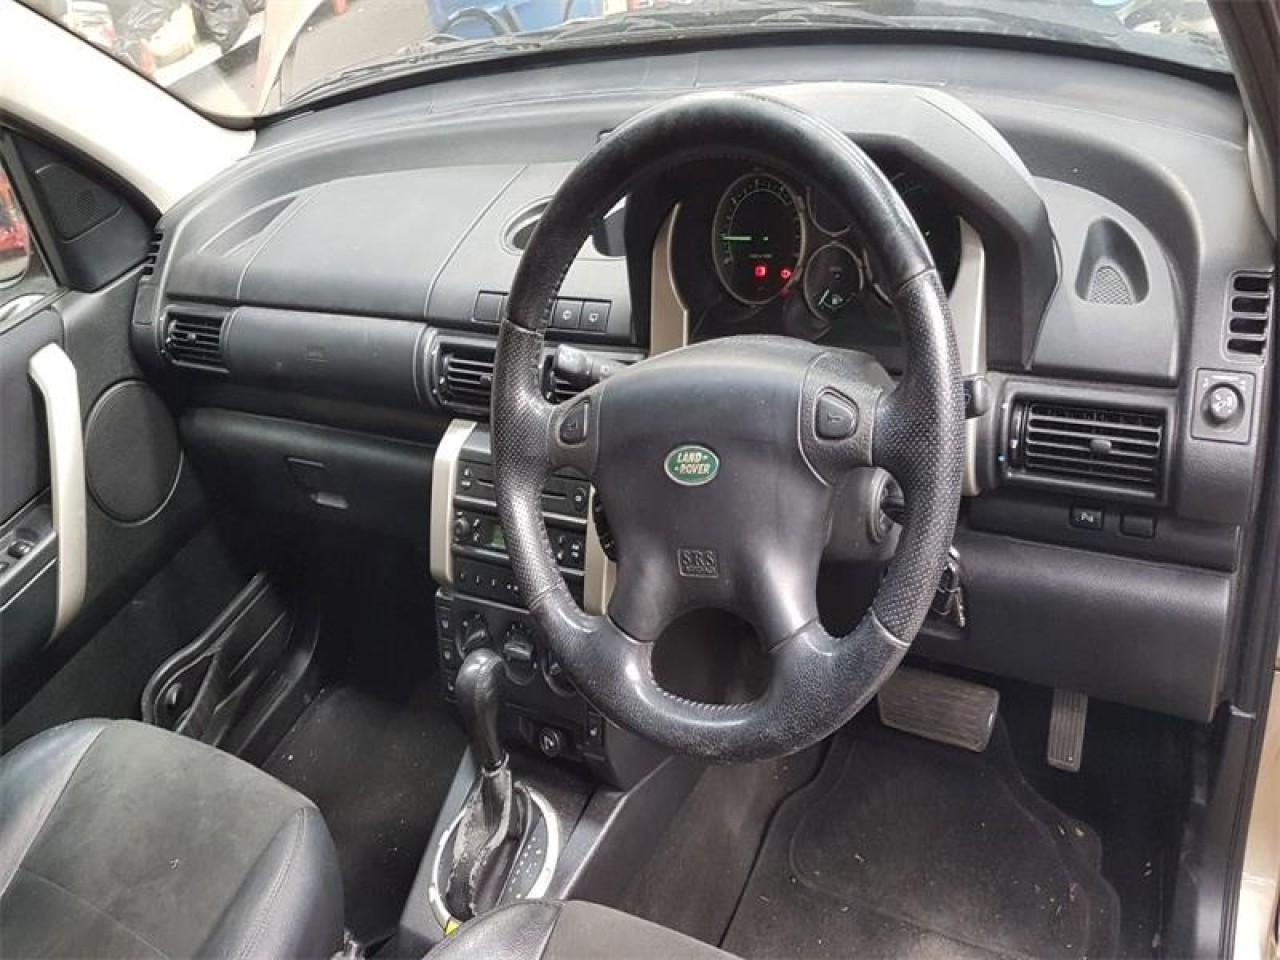 Alternator Land Rover Freelander 2005 SUV 2.0 D